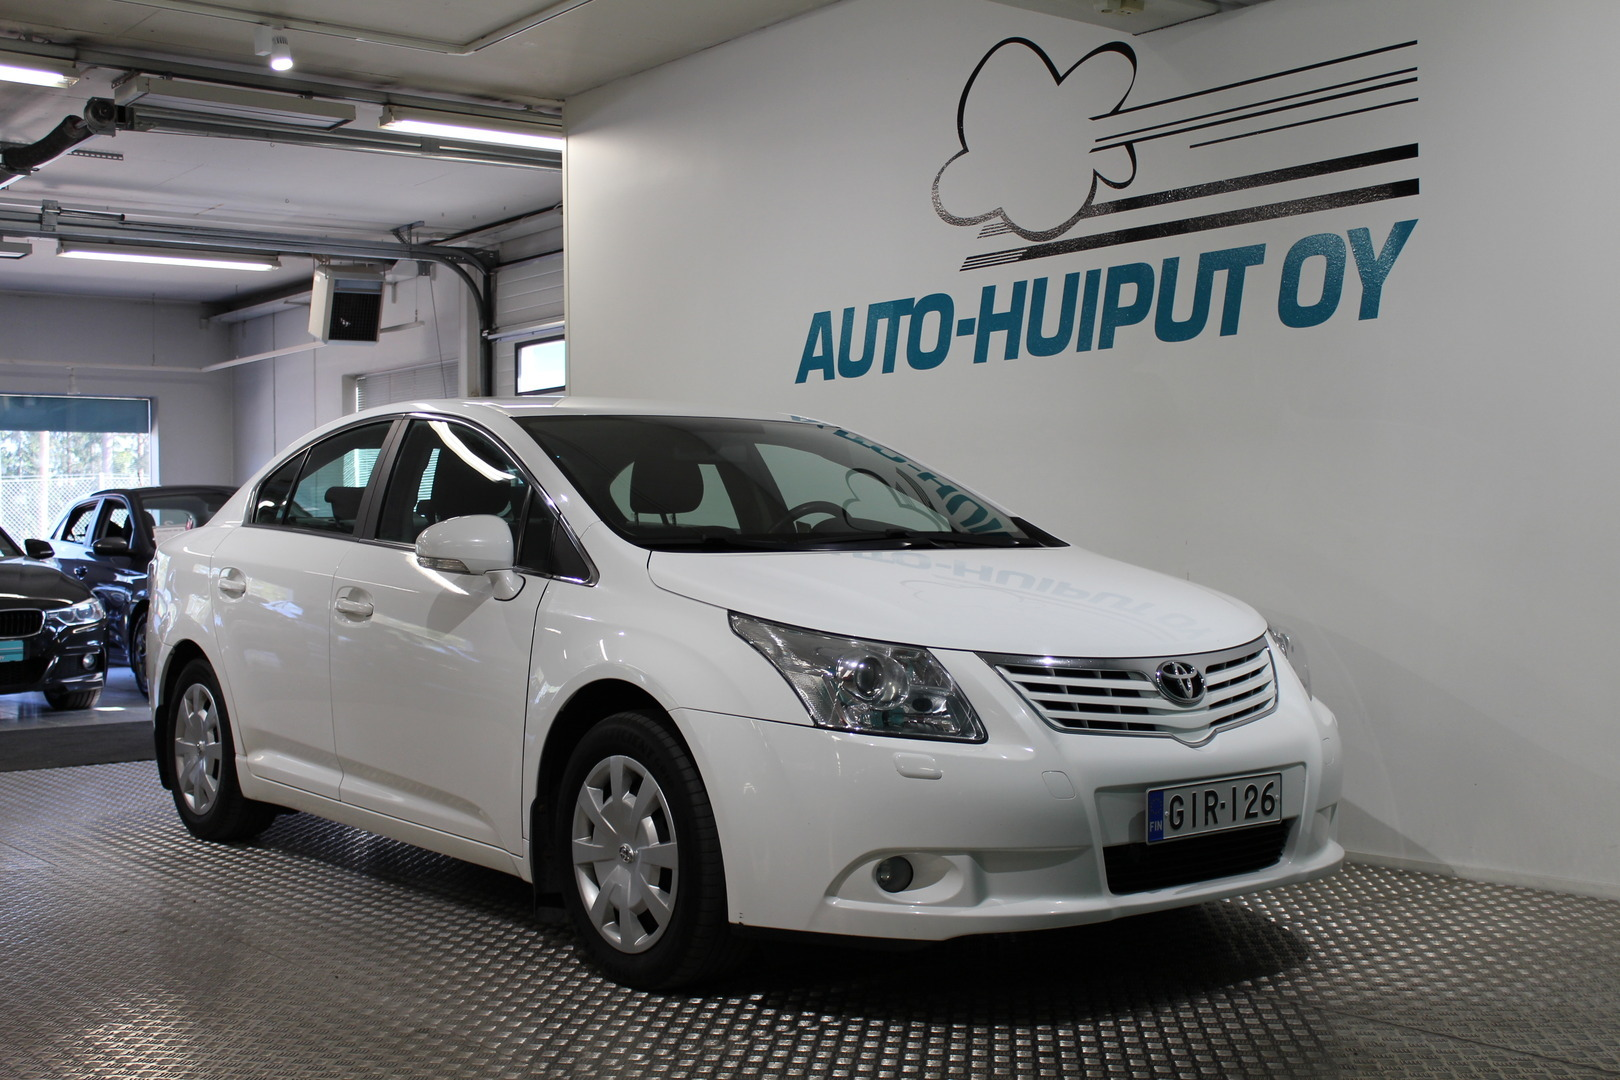 Toyota Avensis, 1,6 Valvematic Linea Terra #Huippusiisti **Juuri tullut** #Hyvin huollettu